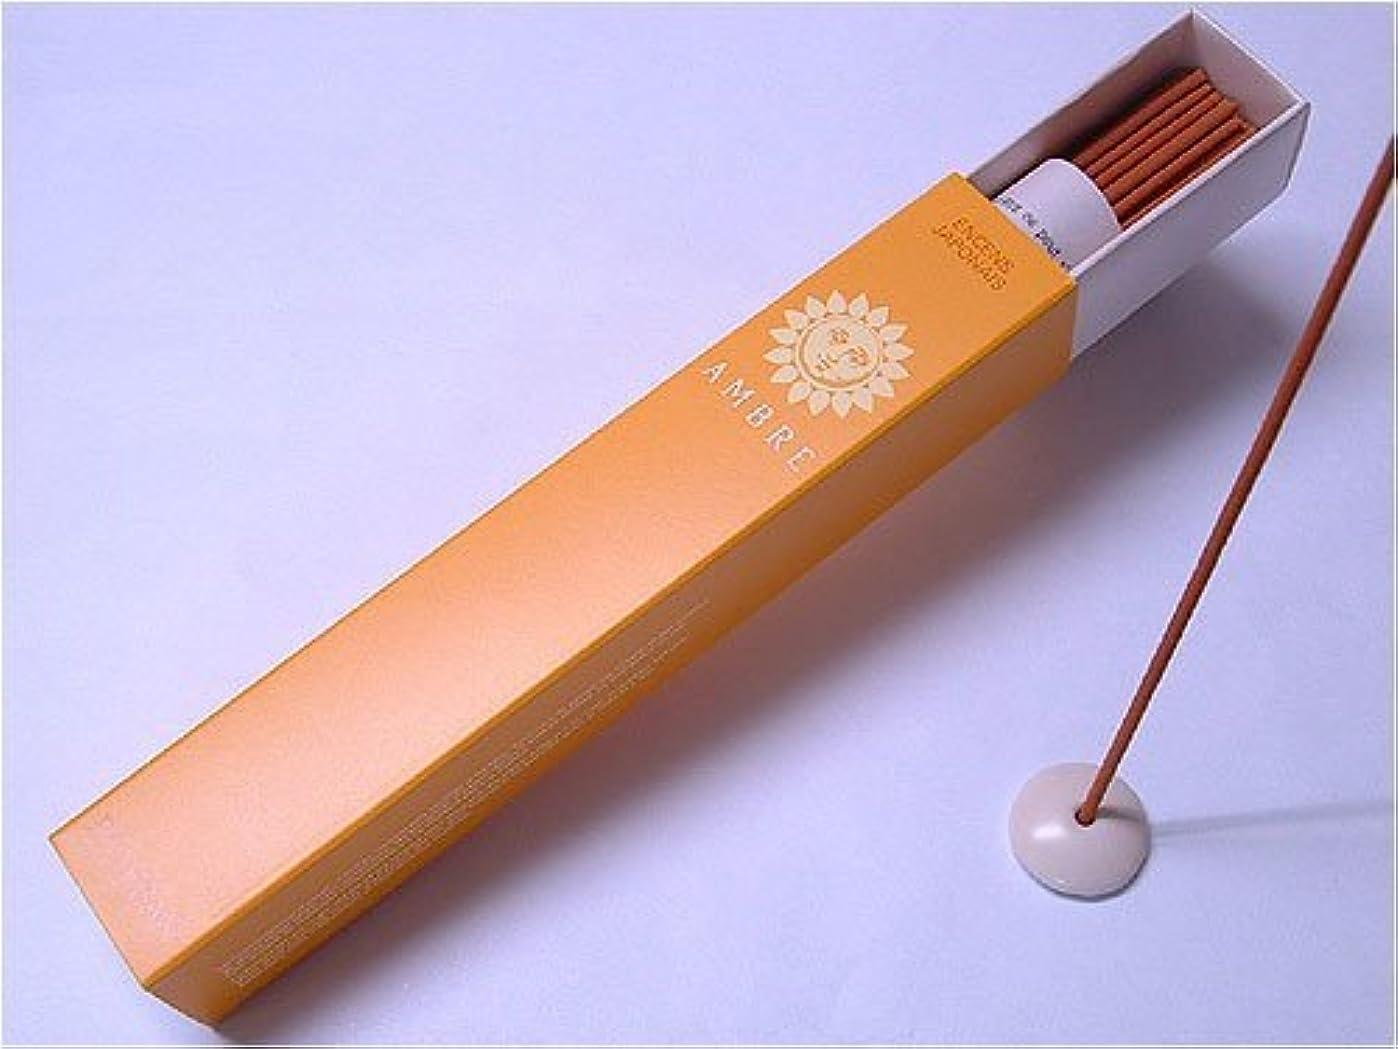 規模作曲するダイヤルESTEBAN(エステバン) style primrose bordier スティック 40本入 「アンバー -AMBRE-」 4902125989924